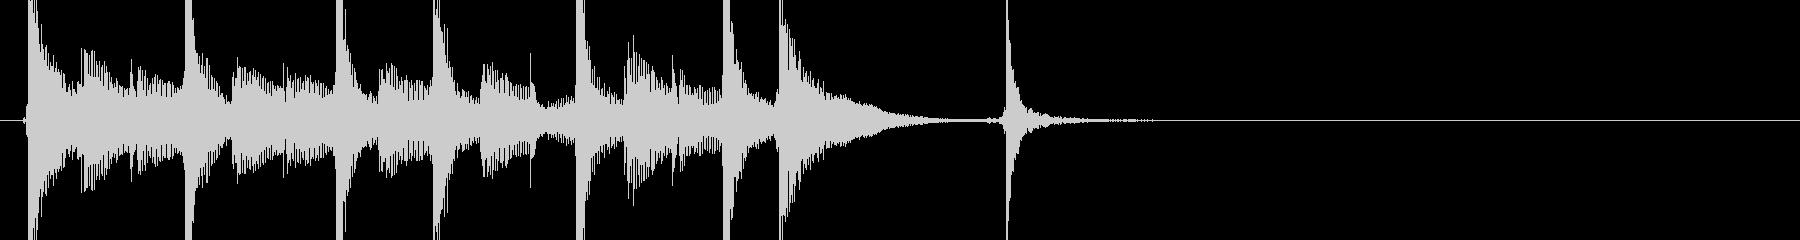 三味線105ロックっぽいリフ生音歌舞伎和の未再生の波形